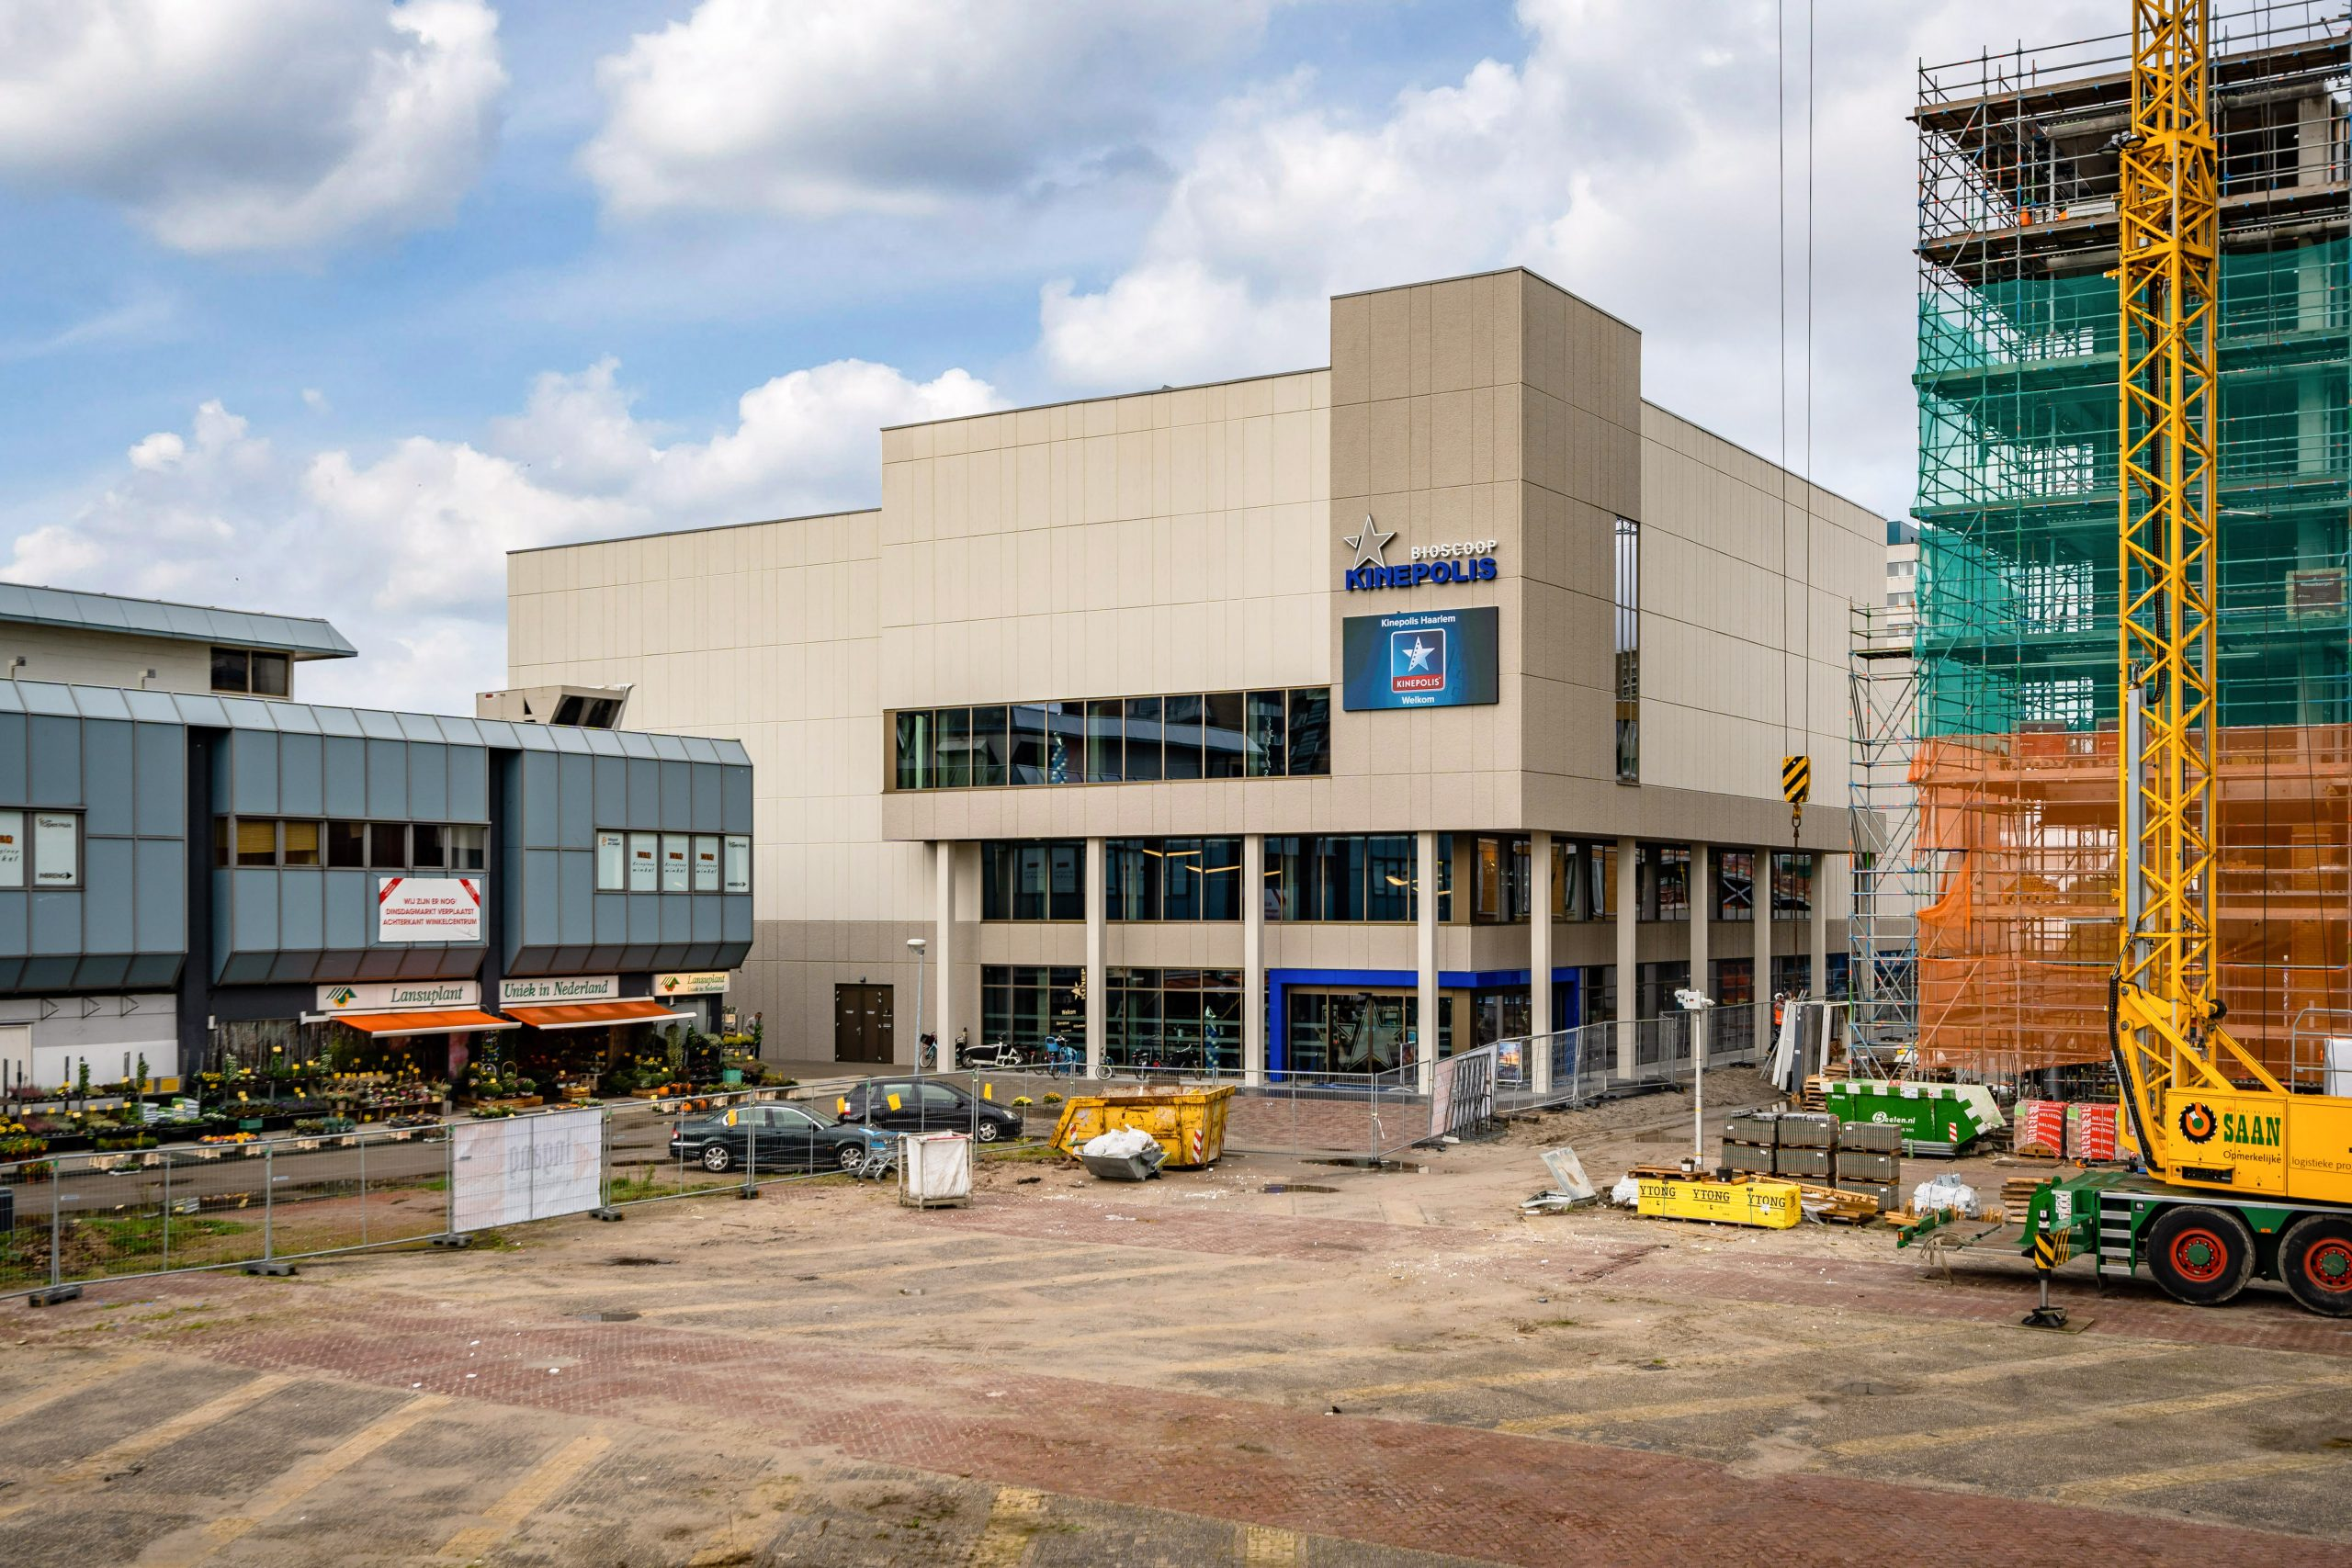 Bioscoop Kinepolis, Haarlem